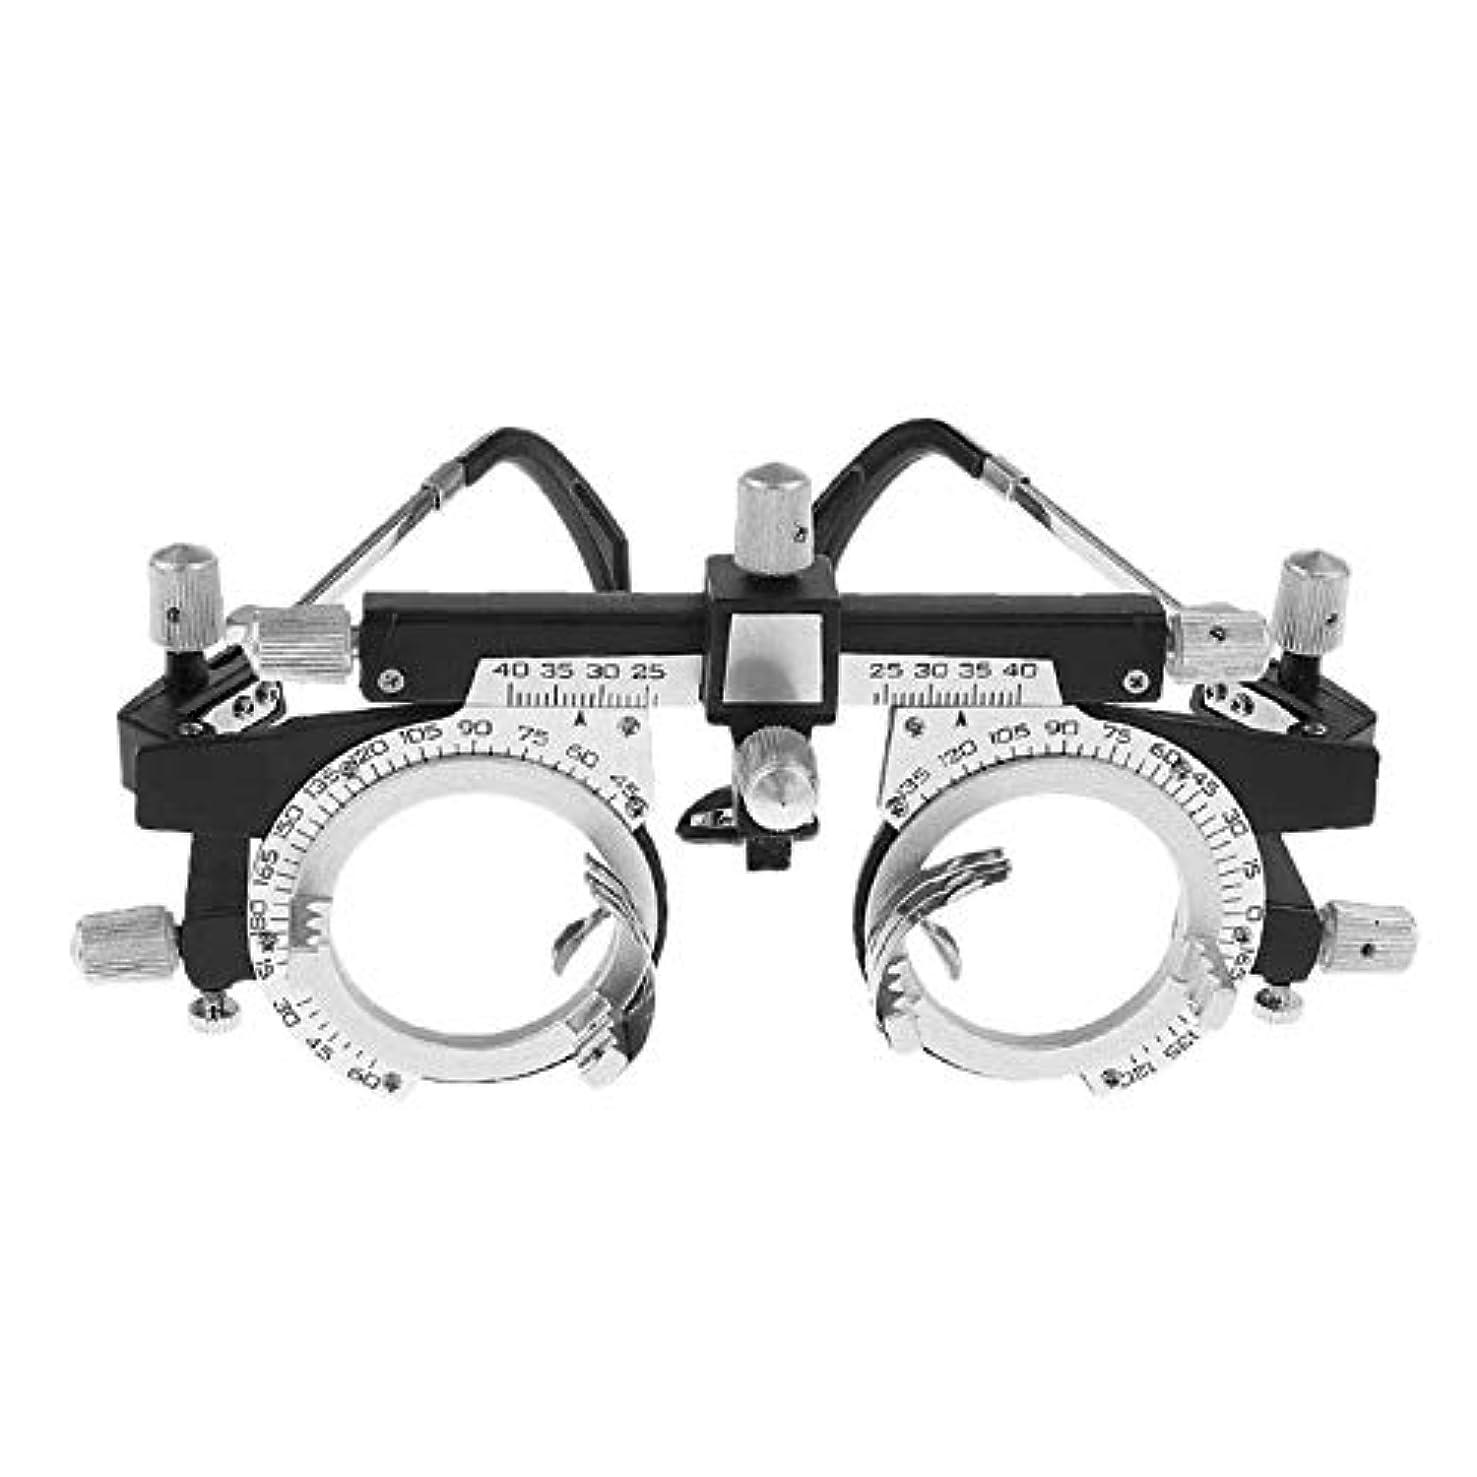 ポーンポスター嘆くQuquack 調整可能なプロフェッショナルアイウェア検眼メタルフレーム光学眼鏡眼鏡トライアルレンズメタルフレームPD眼鏡アクセサリー